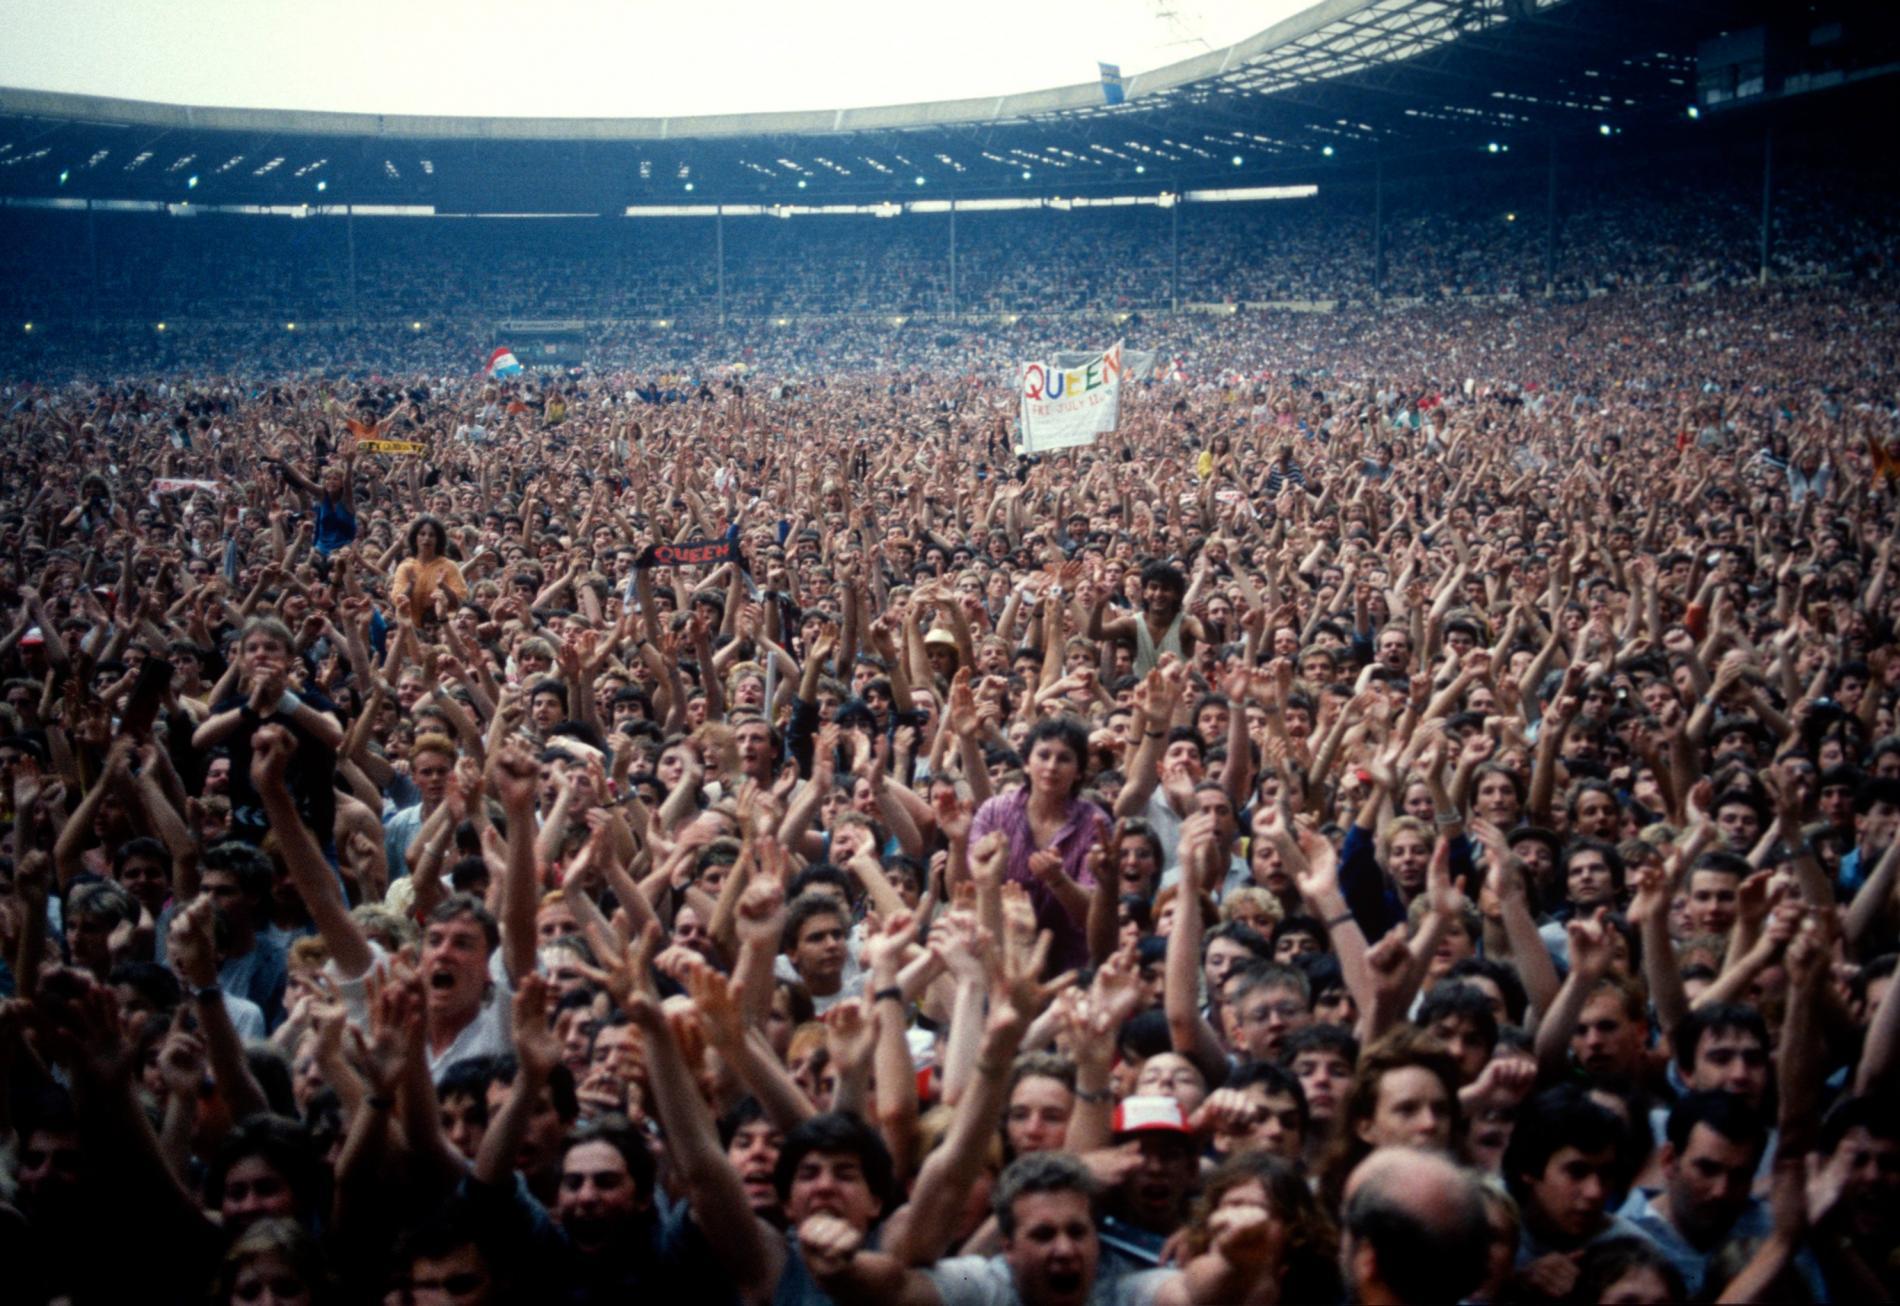 Les fans massés dans le stade de Wembley, à Londres, le 12 juillet 1986.